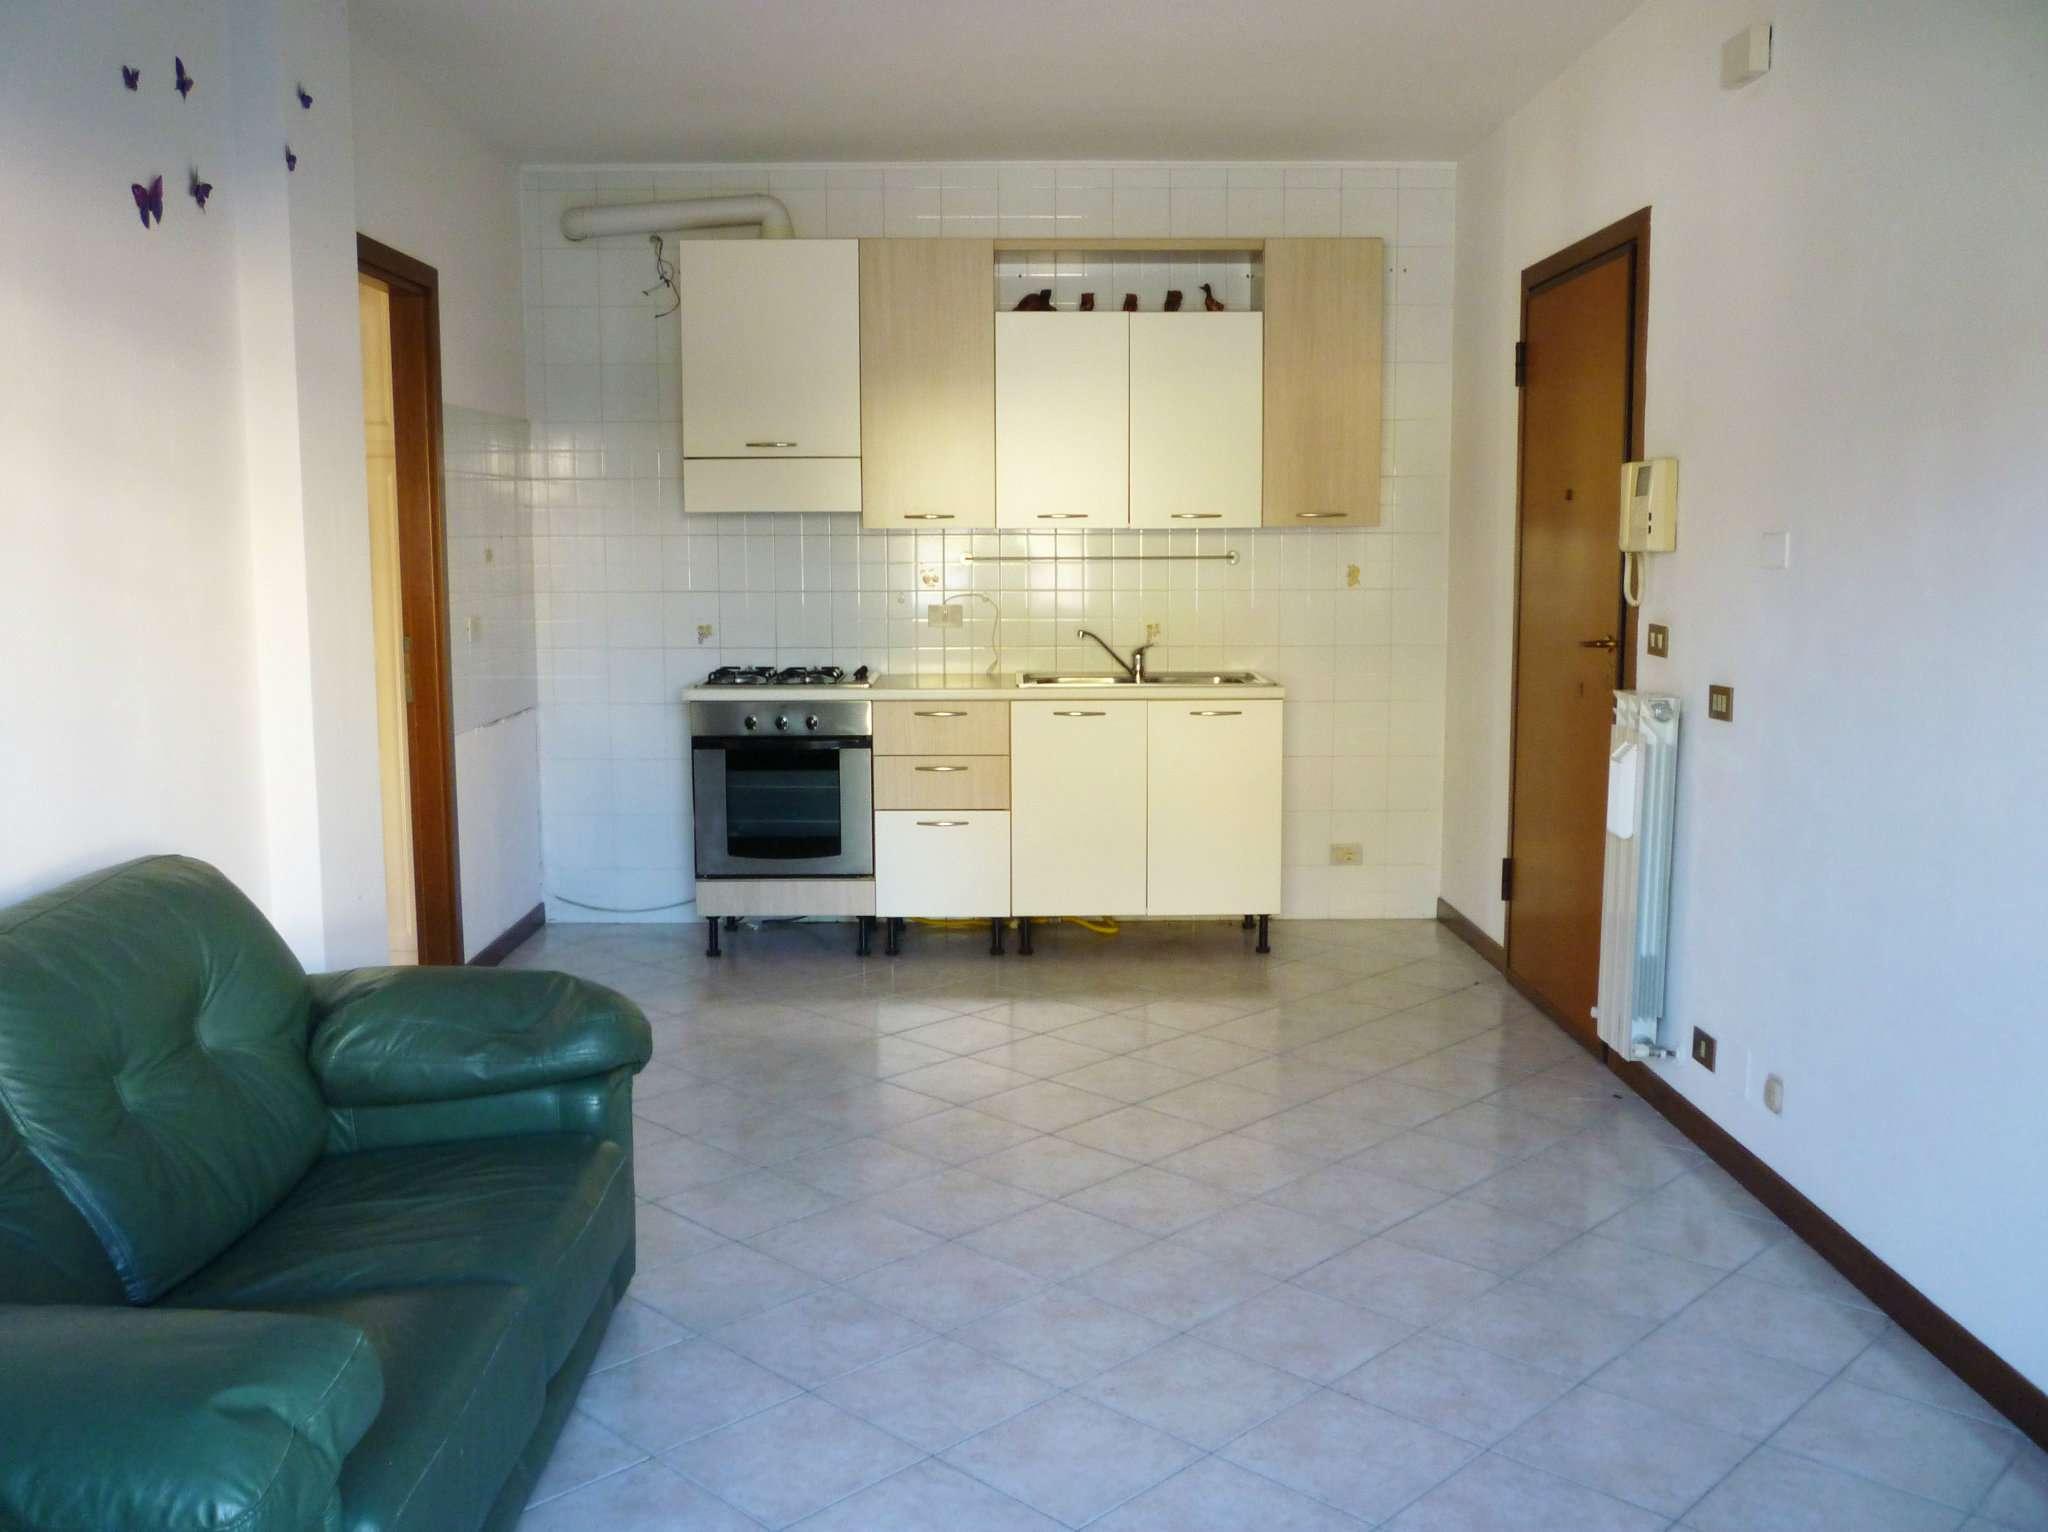 Appartamento in vendita a Saonara, 3 locali, prezzo € 85.000 | Cambio Casa.it